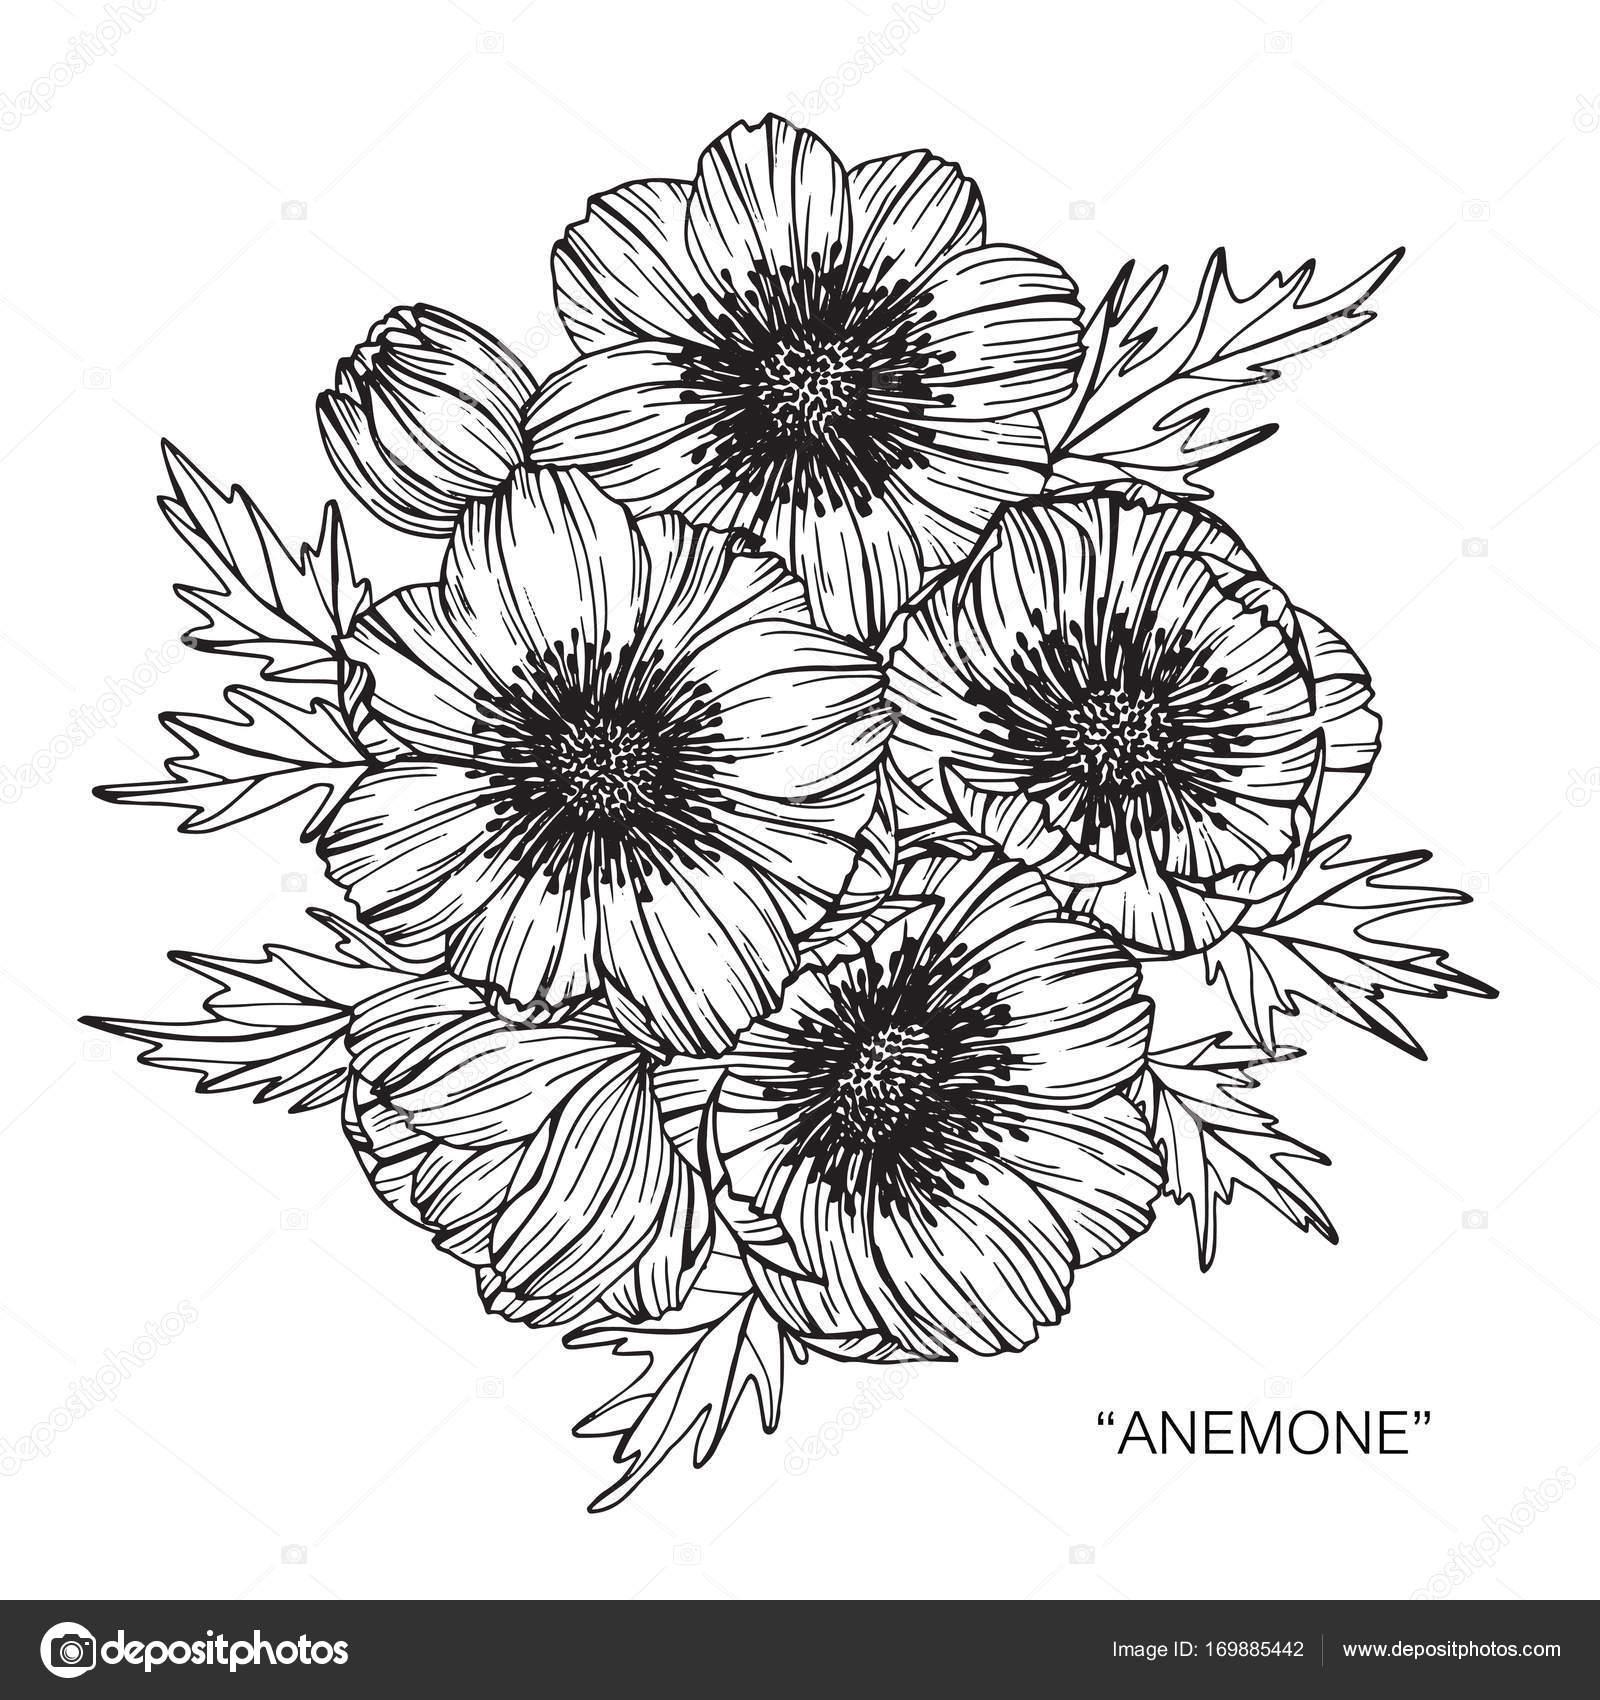 Anemone Flower Line Drawing : Цветы Анемоны Рисование Эскиз Линии Арт Белом Фоне